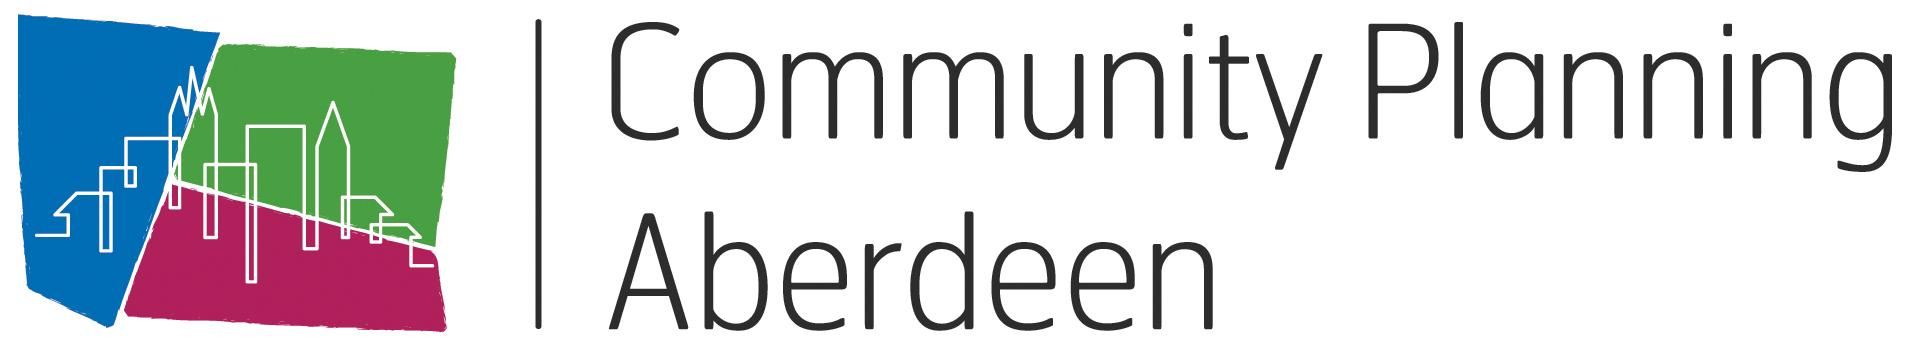 Community Planning Aberdeen